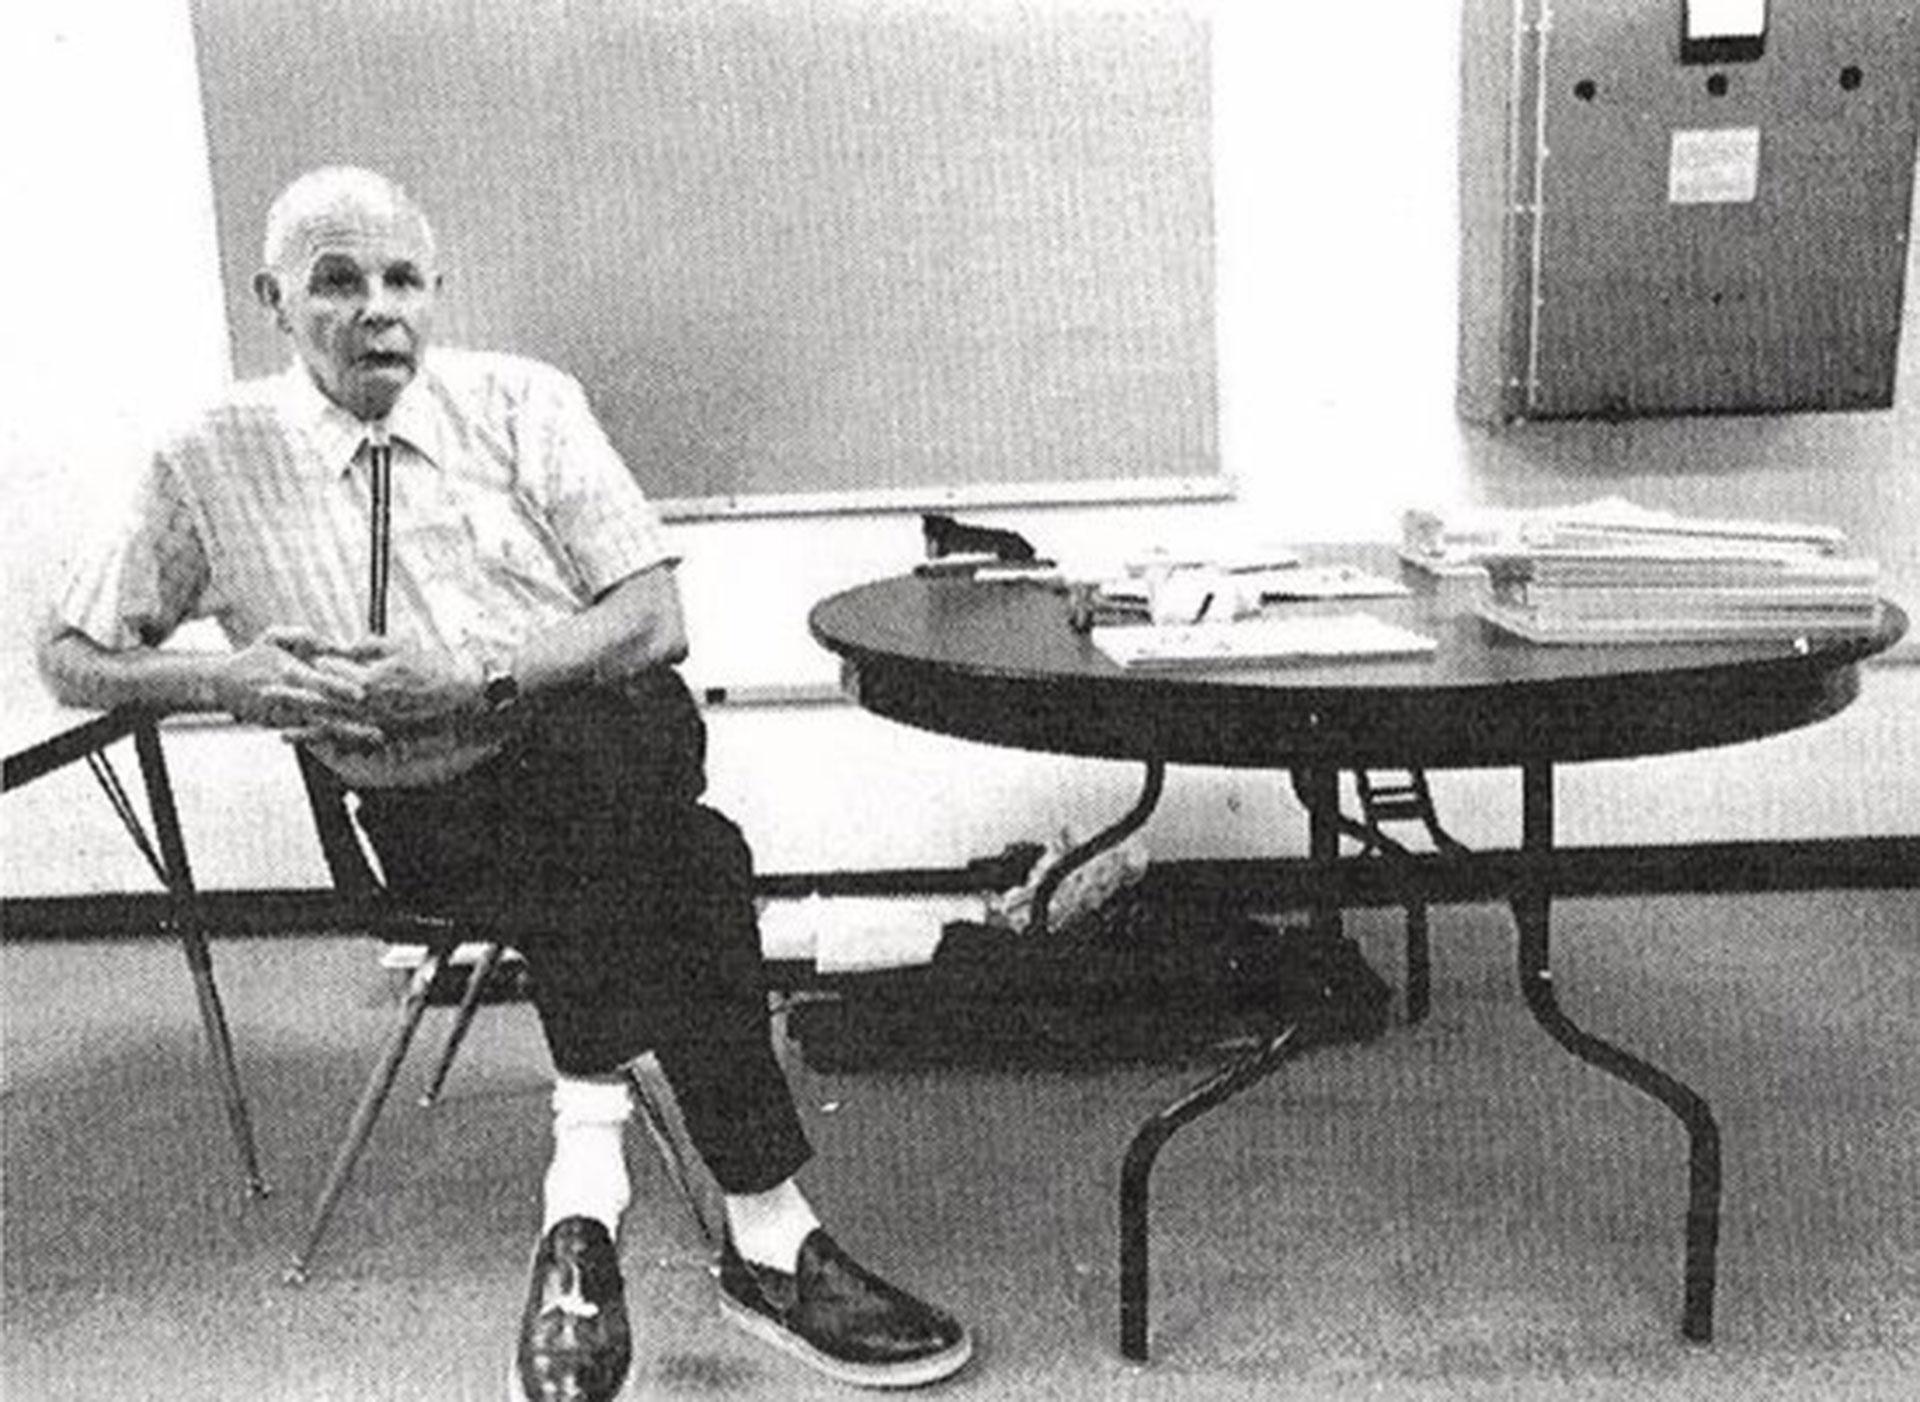 Karl Ward murió en 1997. Desde entonces se descubrieron placas en su honor. Pero su vida escondía un oscuro secreto: era abusador de menores